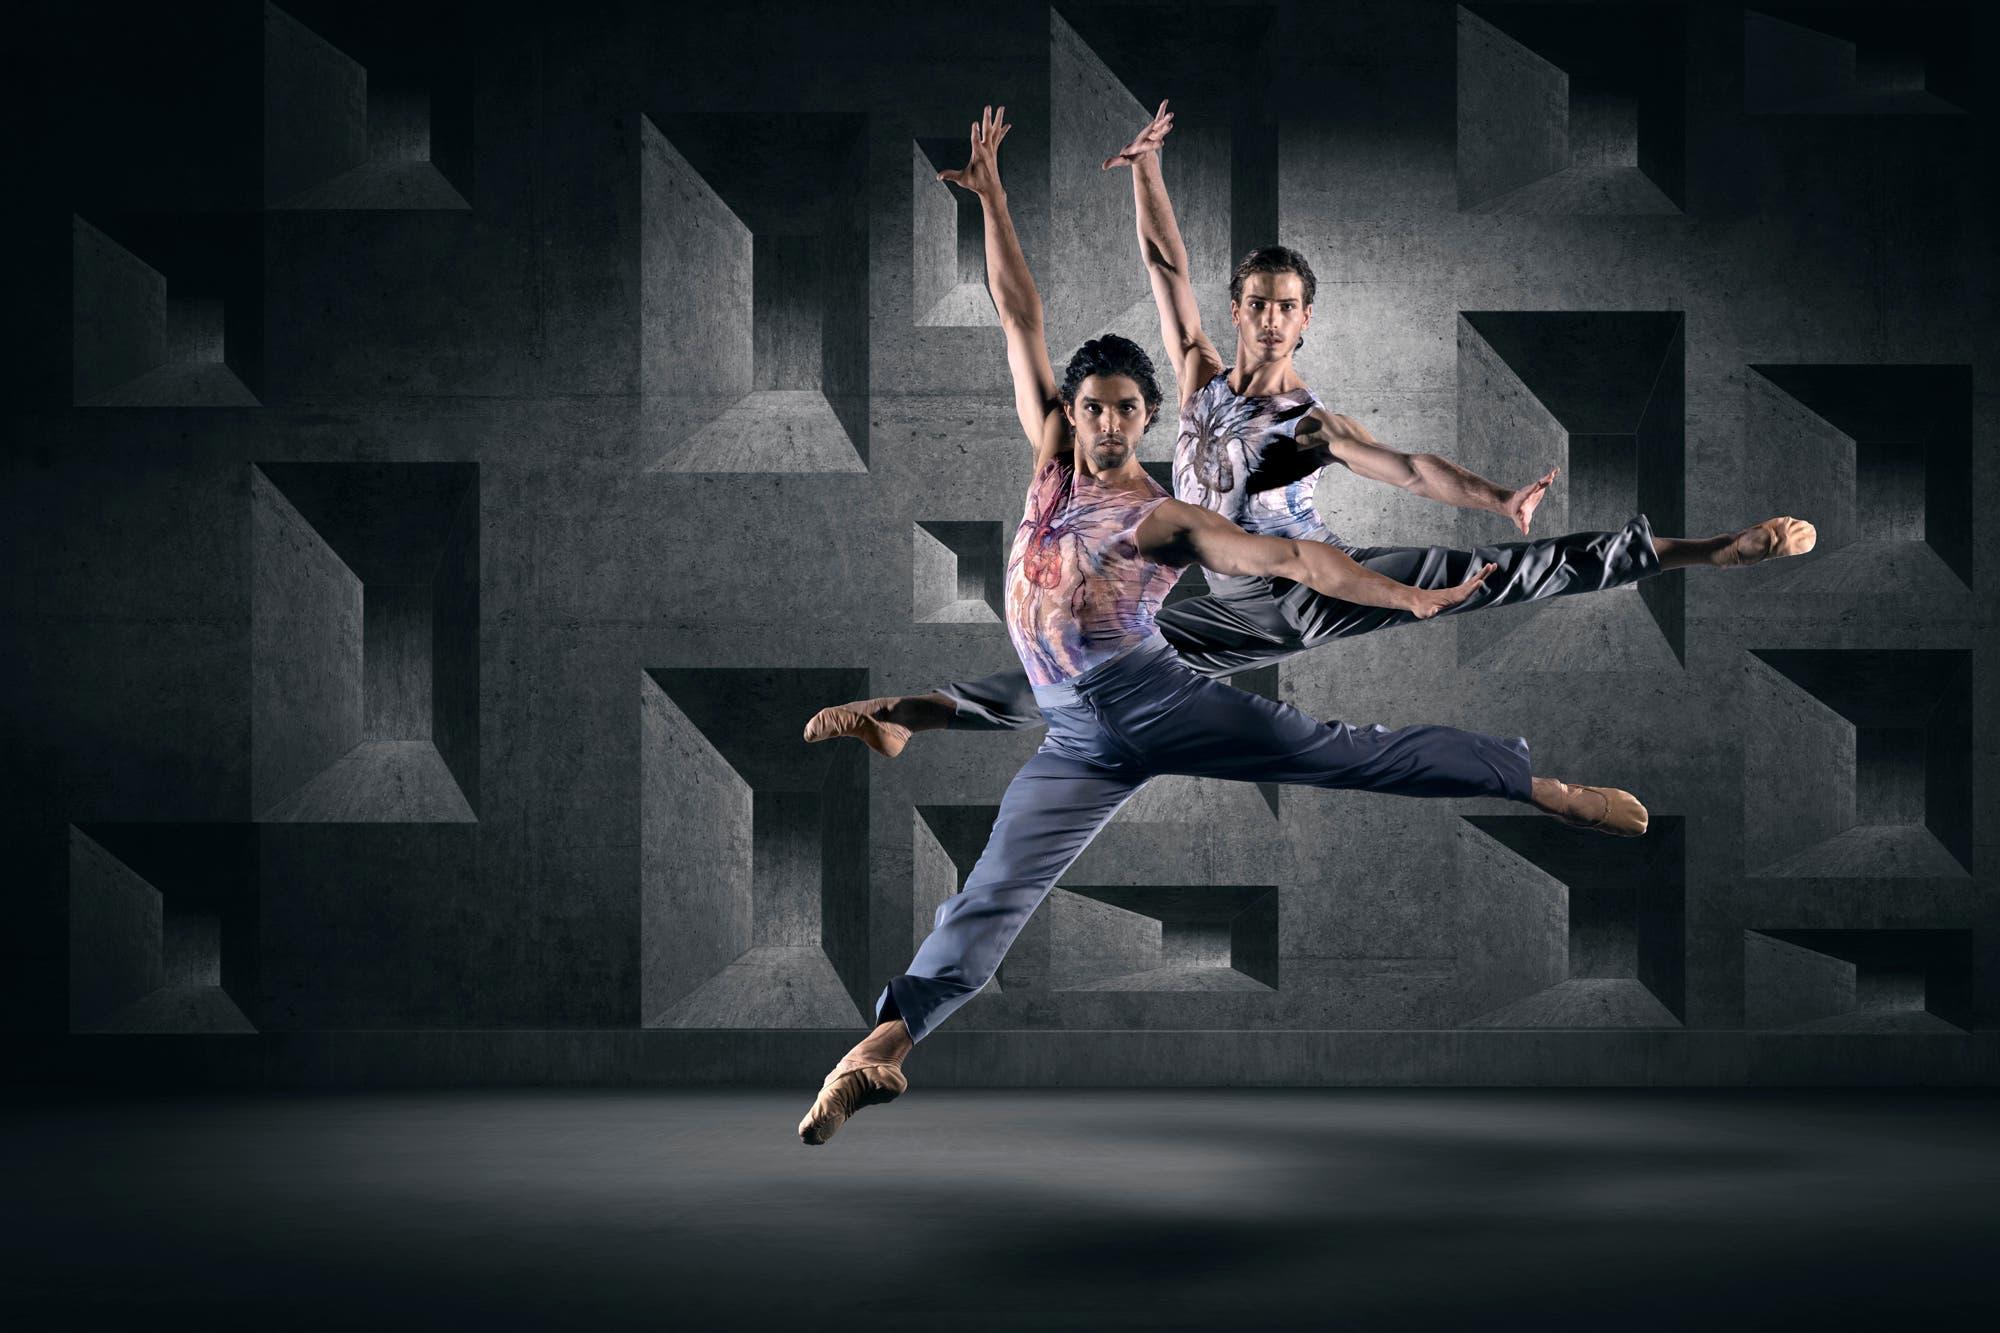 """El Ballet del Sodre traerá a la Argentina su versión danzada de """"La Tregua"""" de Mario Benedetti"""